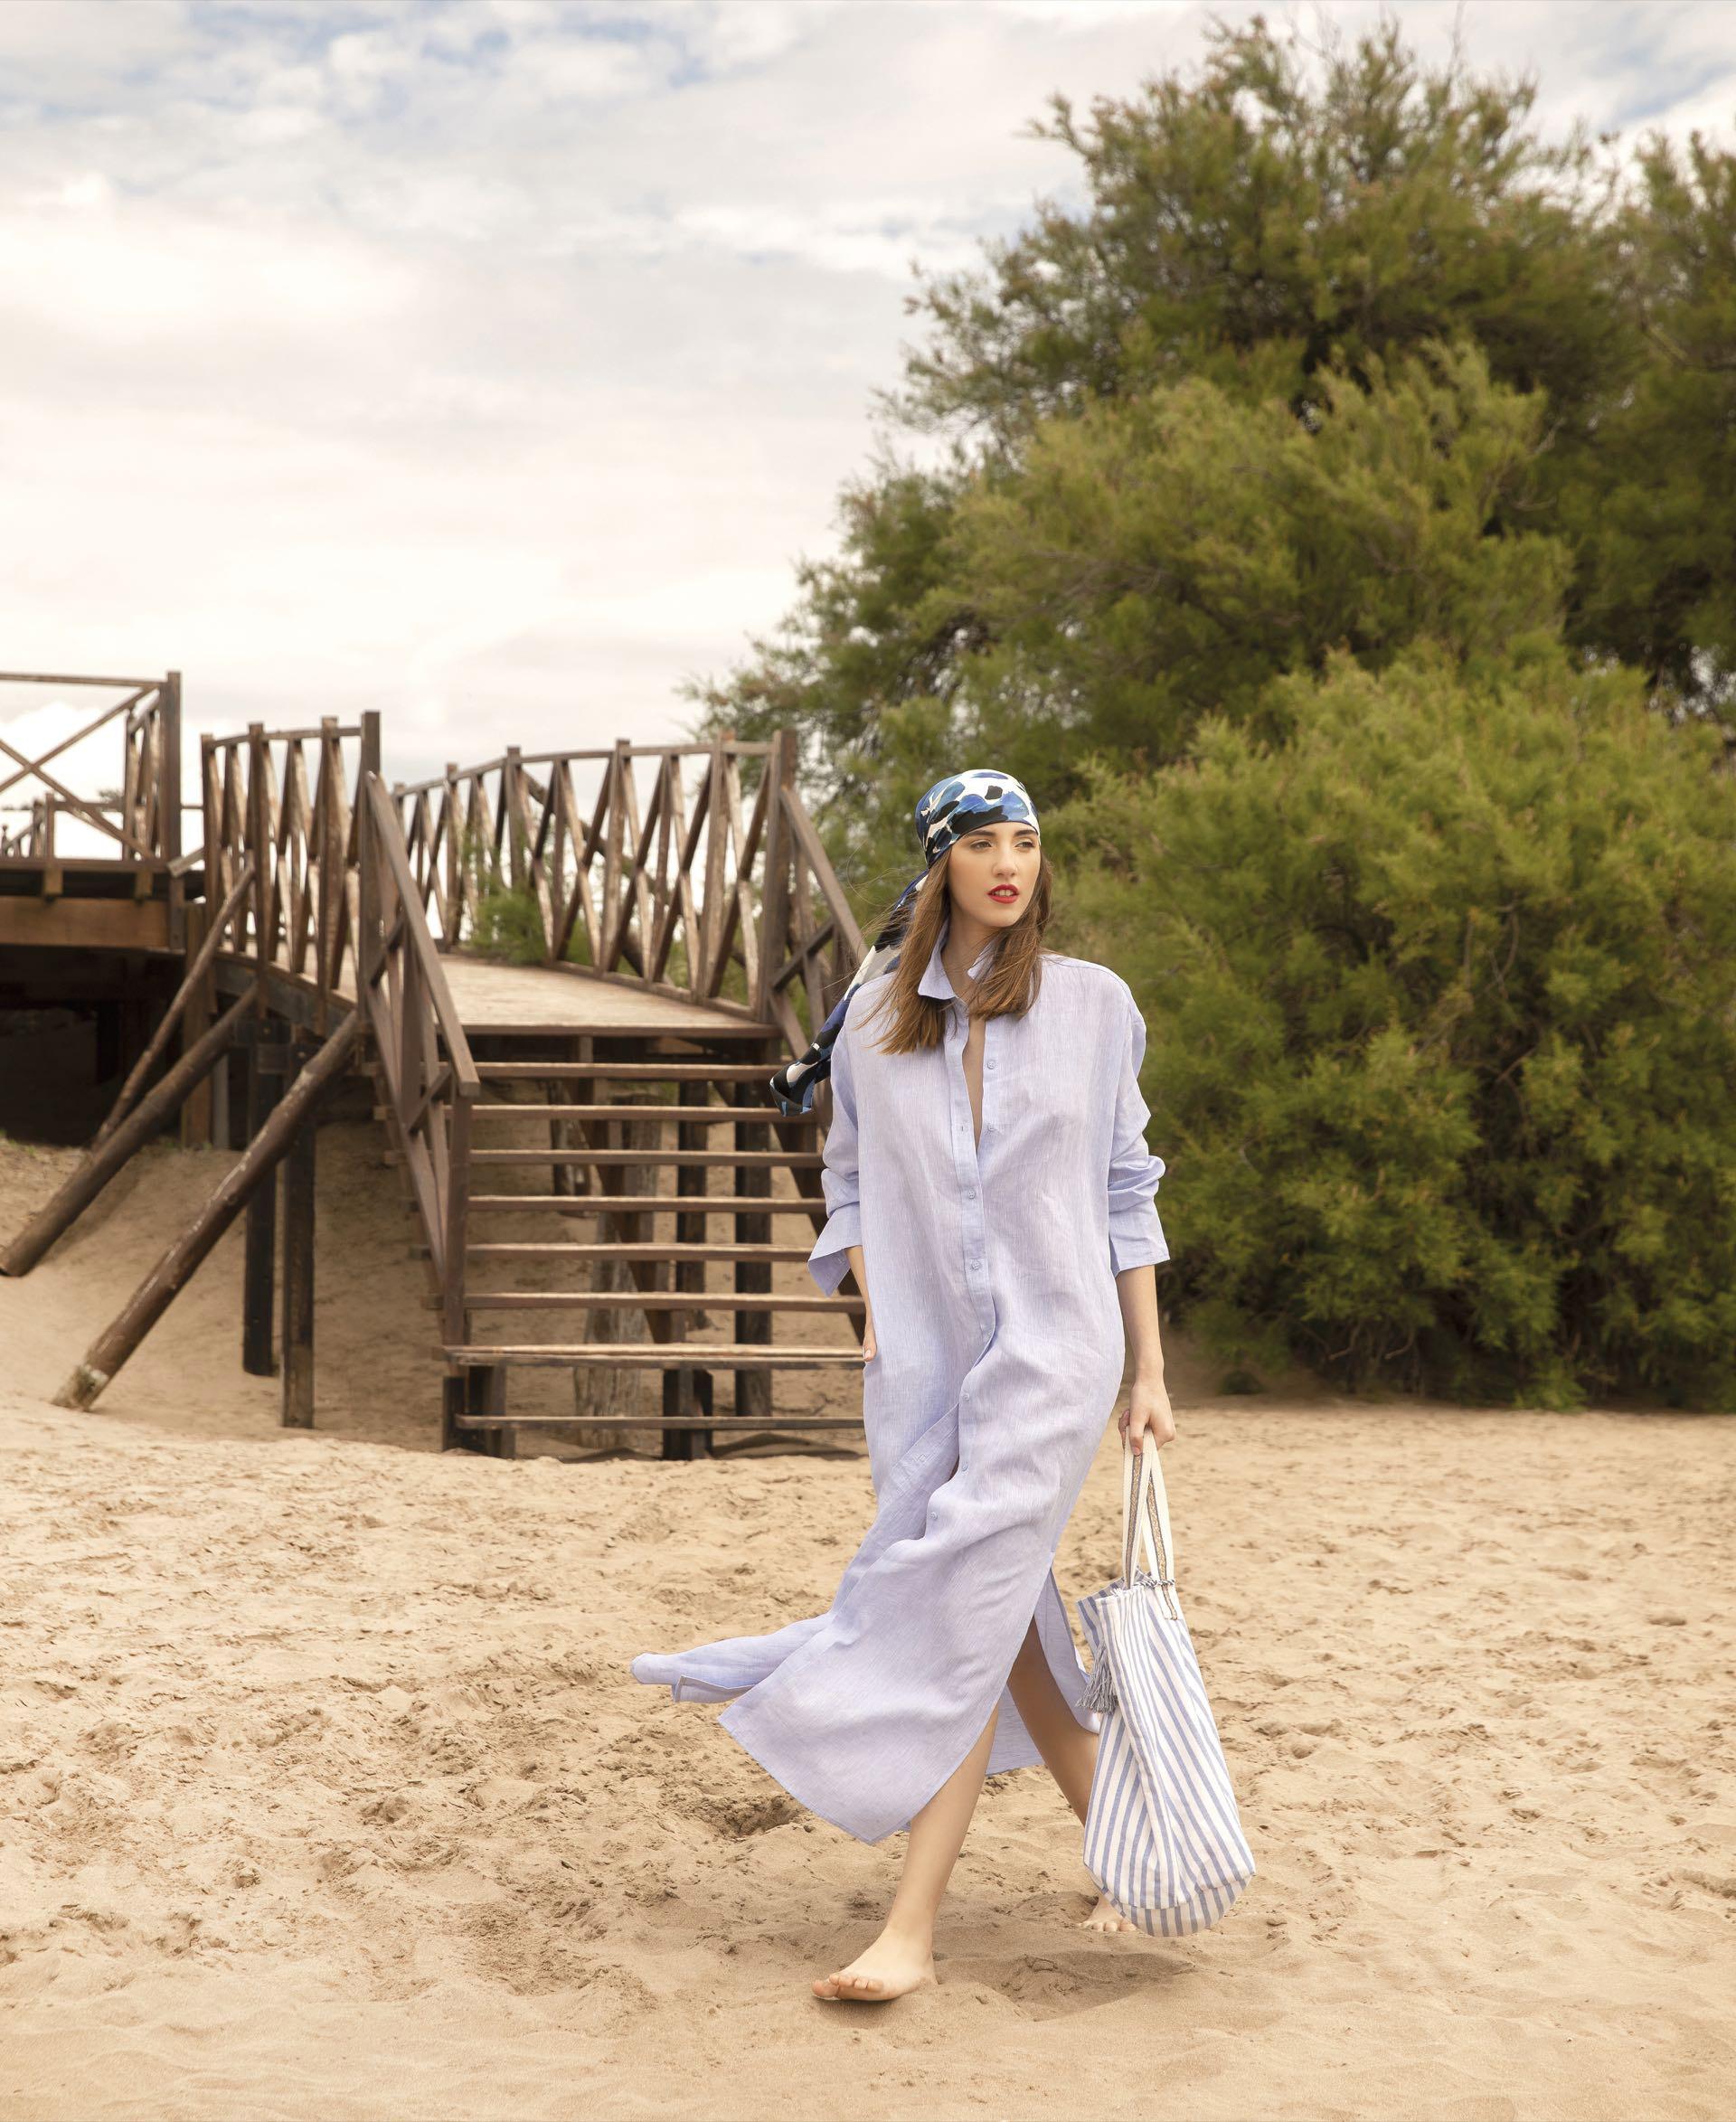 Camisola de lino ($ 5.990, Las Pepas), pañuelo de seda ($ 2.600, Vitamina) y bolsa rayada (Indiastyle).